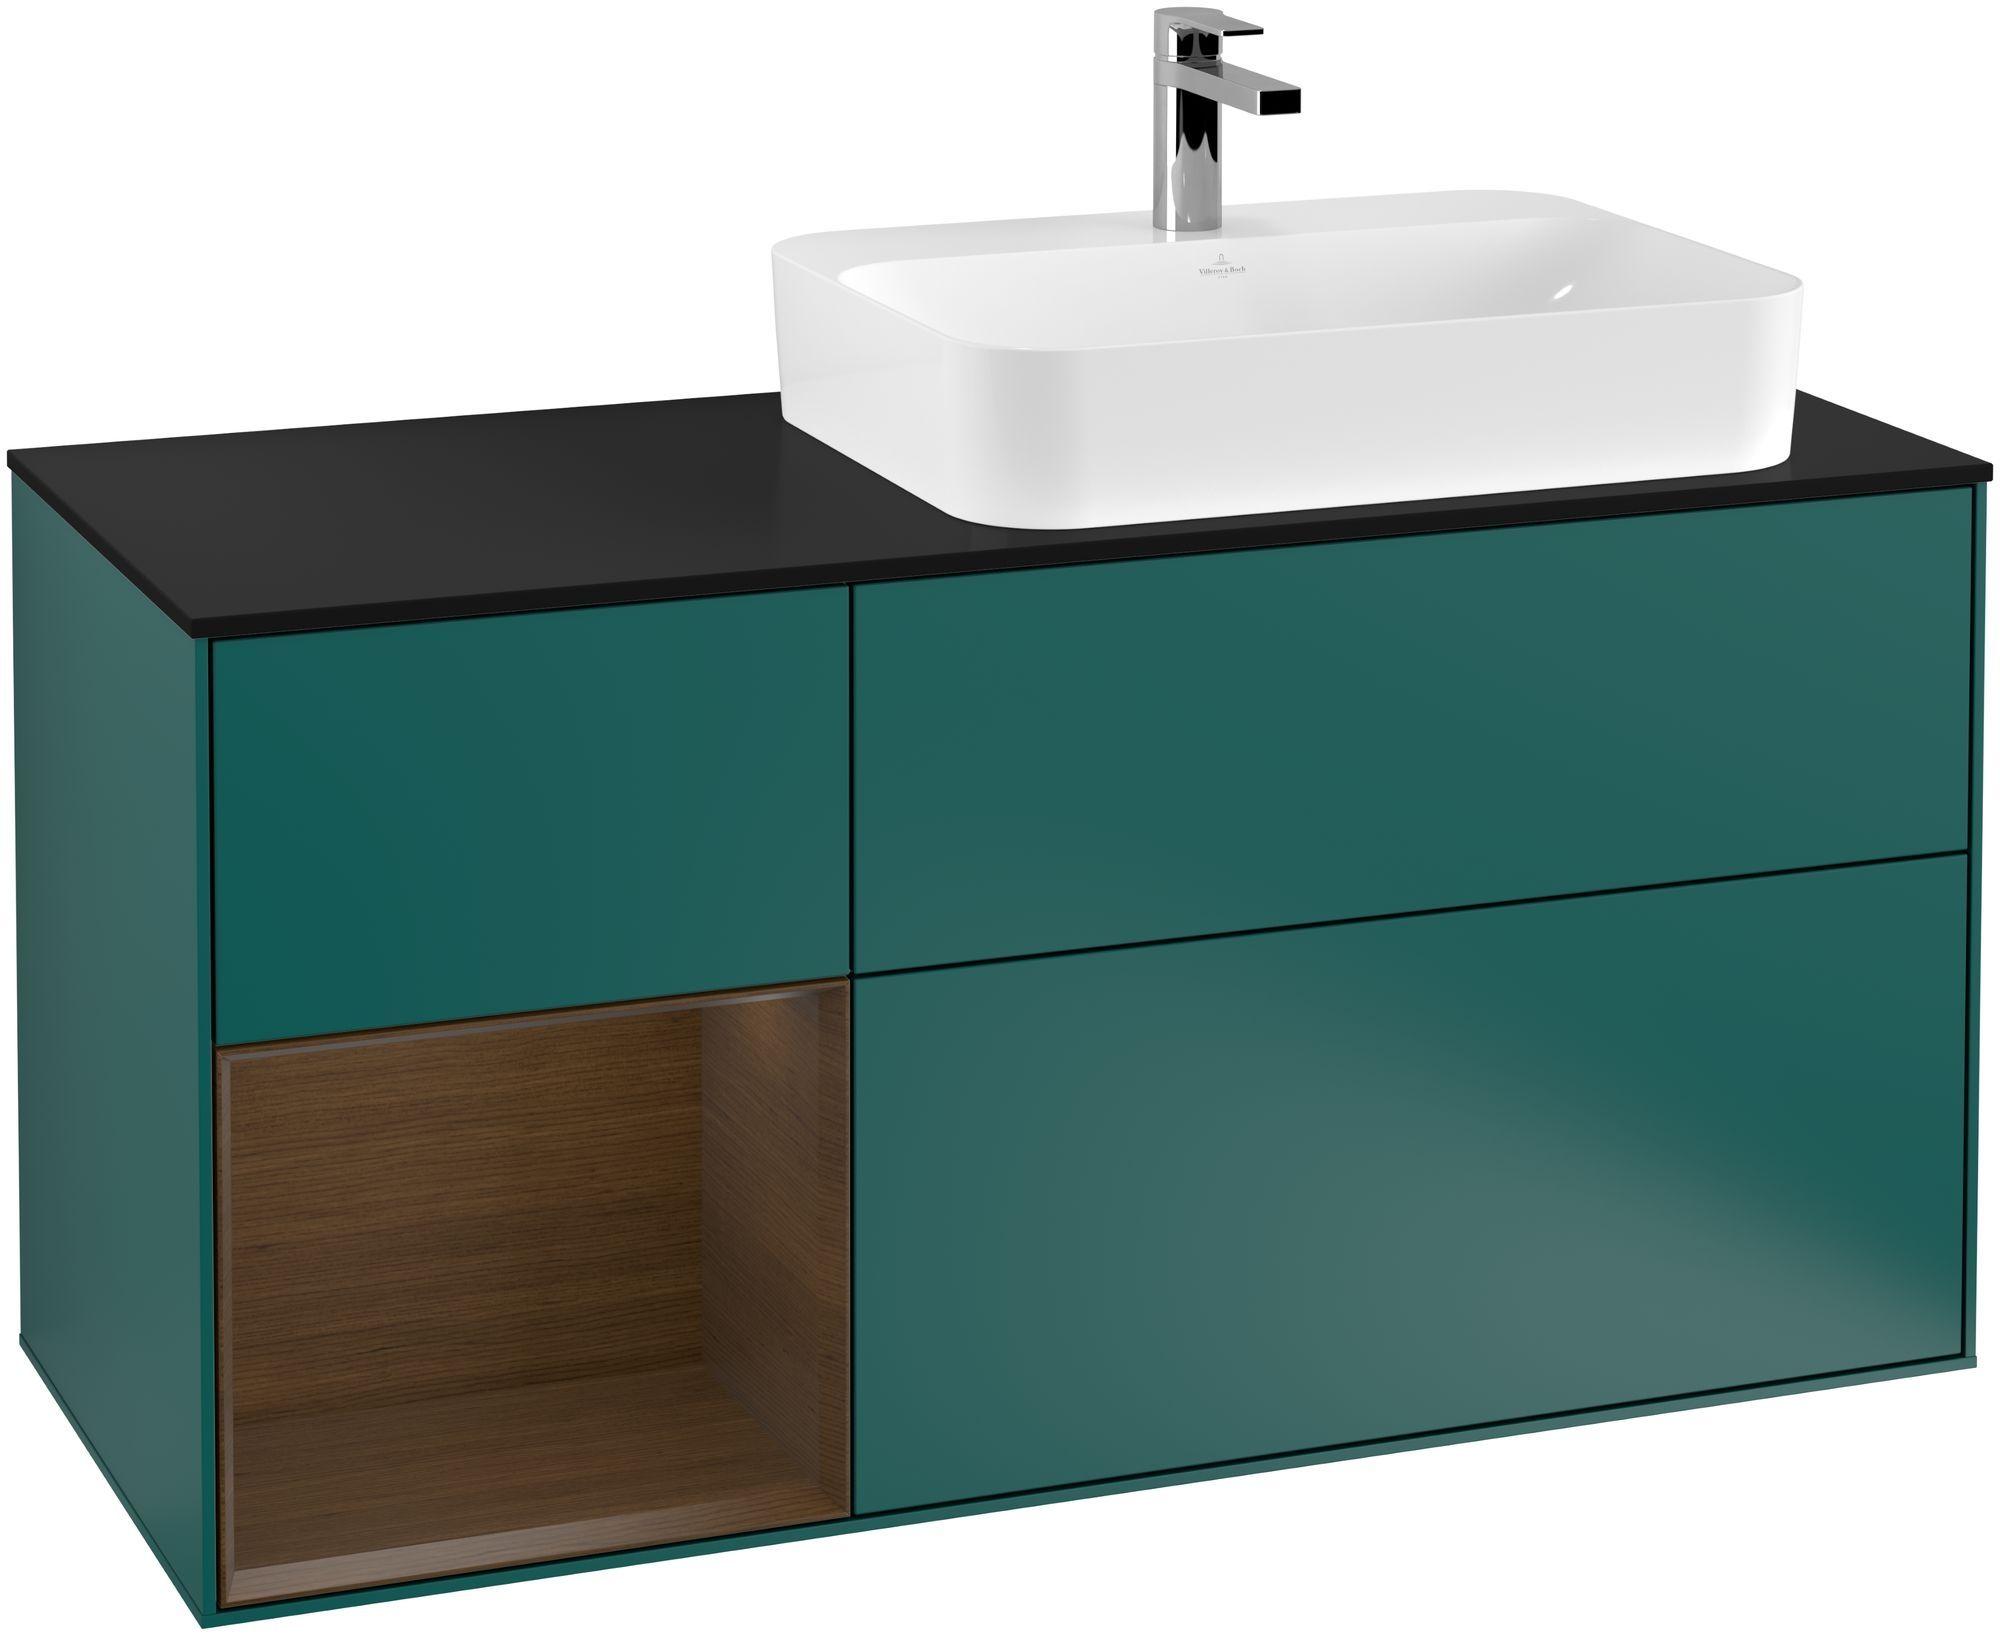 Villeroy & Boch Finion F39 Waschtischunterschrank mit Regalelement 3 Auszüge Waschtisch rechts LED-Beleuchtung B:120xH:60,3xT:50,1cm Front, Korpus: Cedar, Regal: Walnut Veneer, Glasplatte: Black Matt F392GNGS